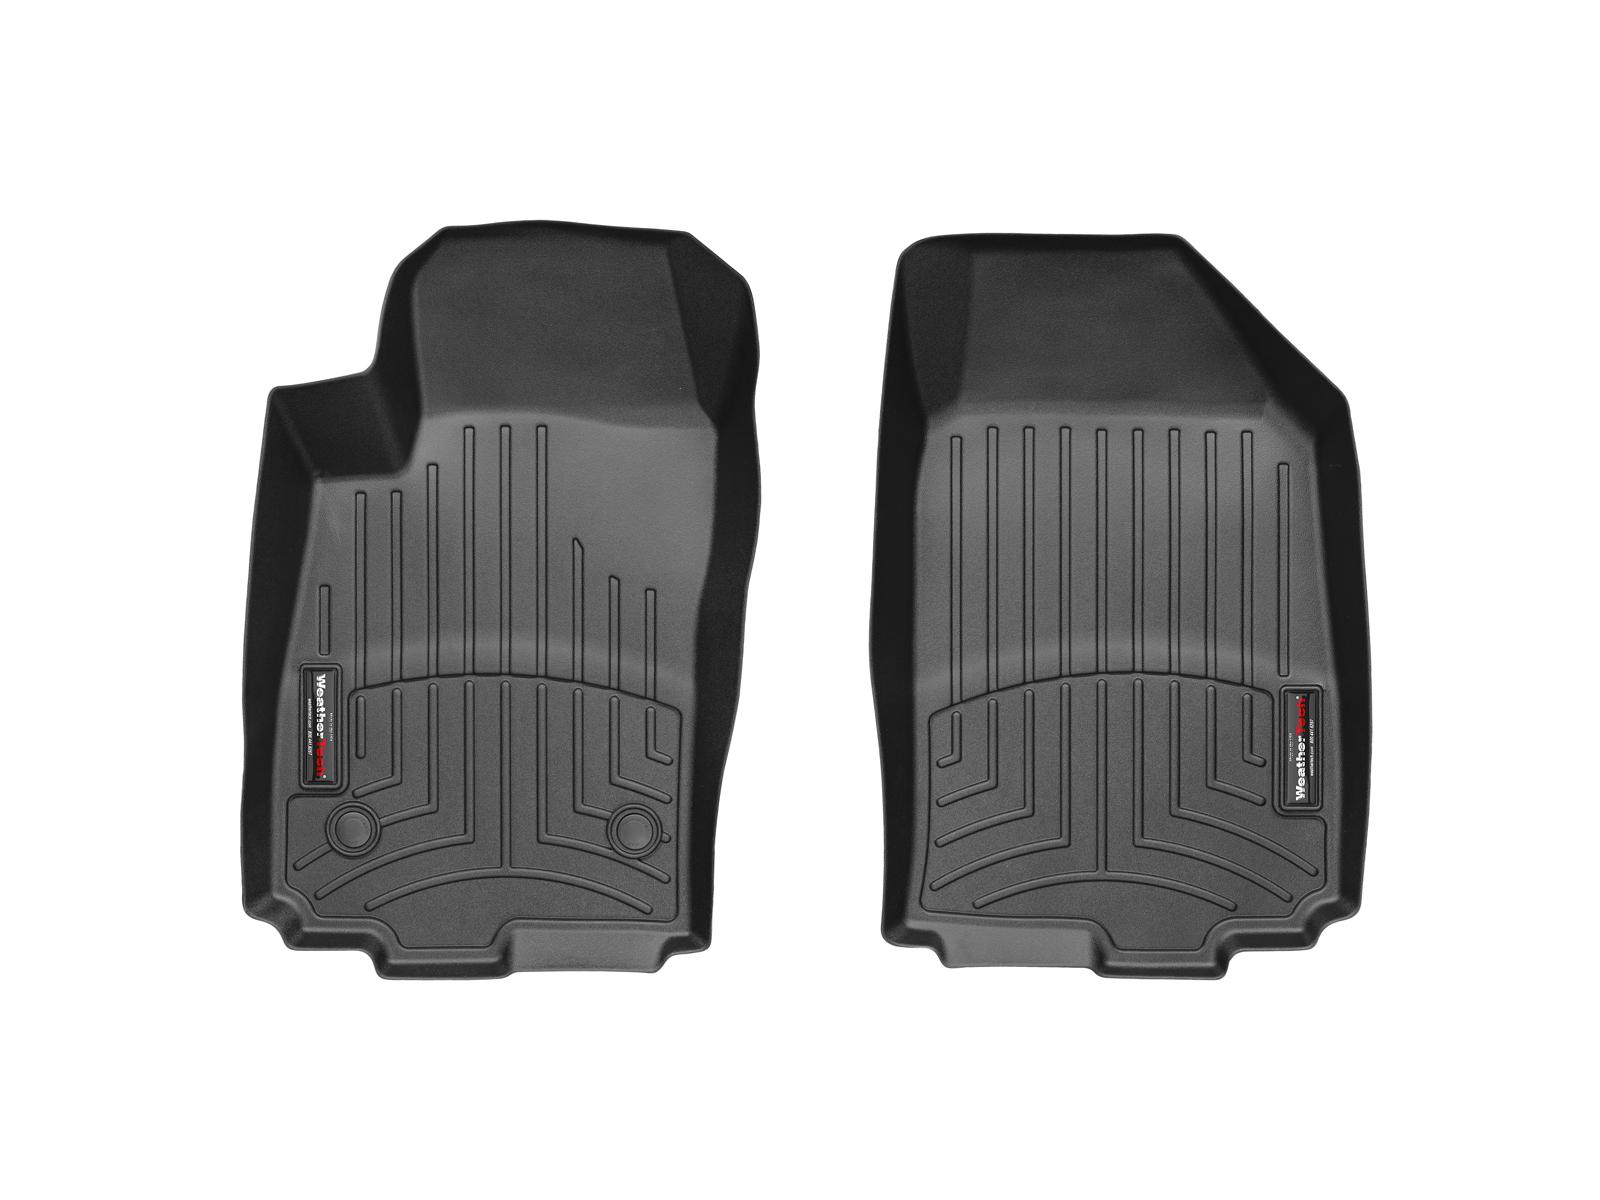 Tappeti gomma su misura bordo alto Chevrolet Sonic 12>17 Nero A205